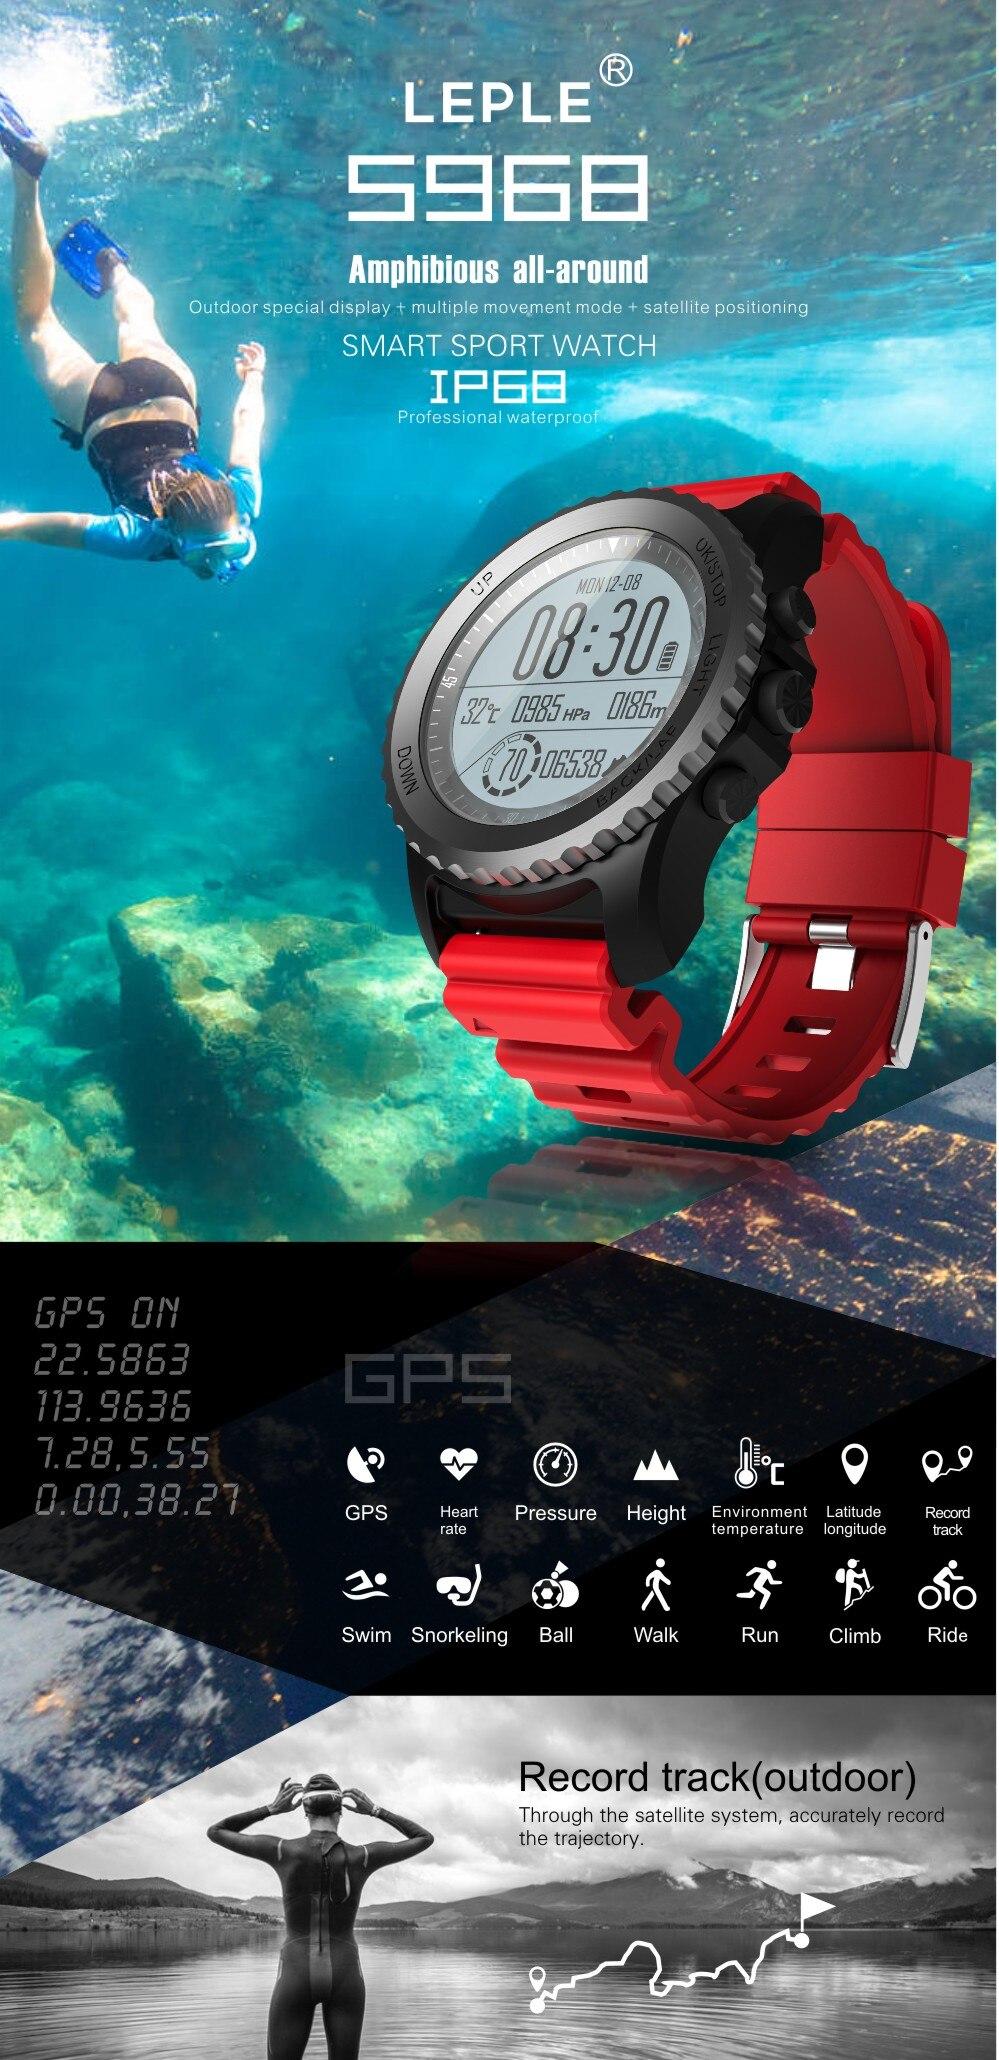 Montre Multi sports et de plongée S968 multifonction avec GPS et moniteur de fréquence cardiaque